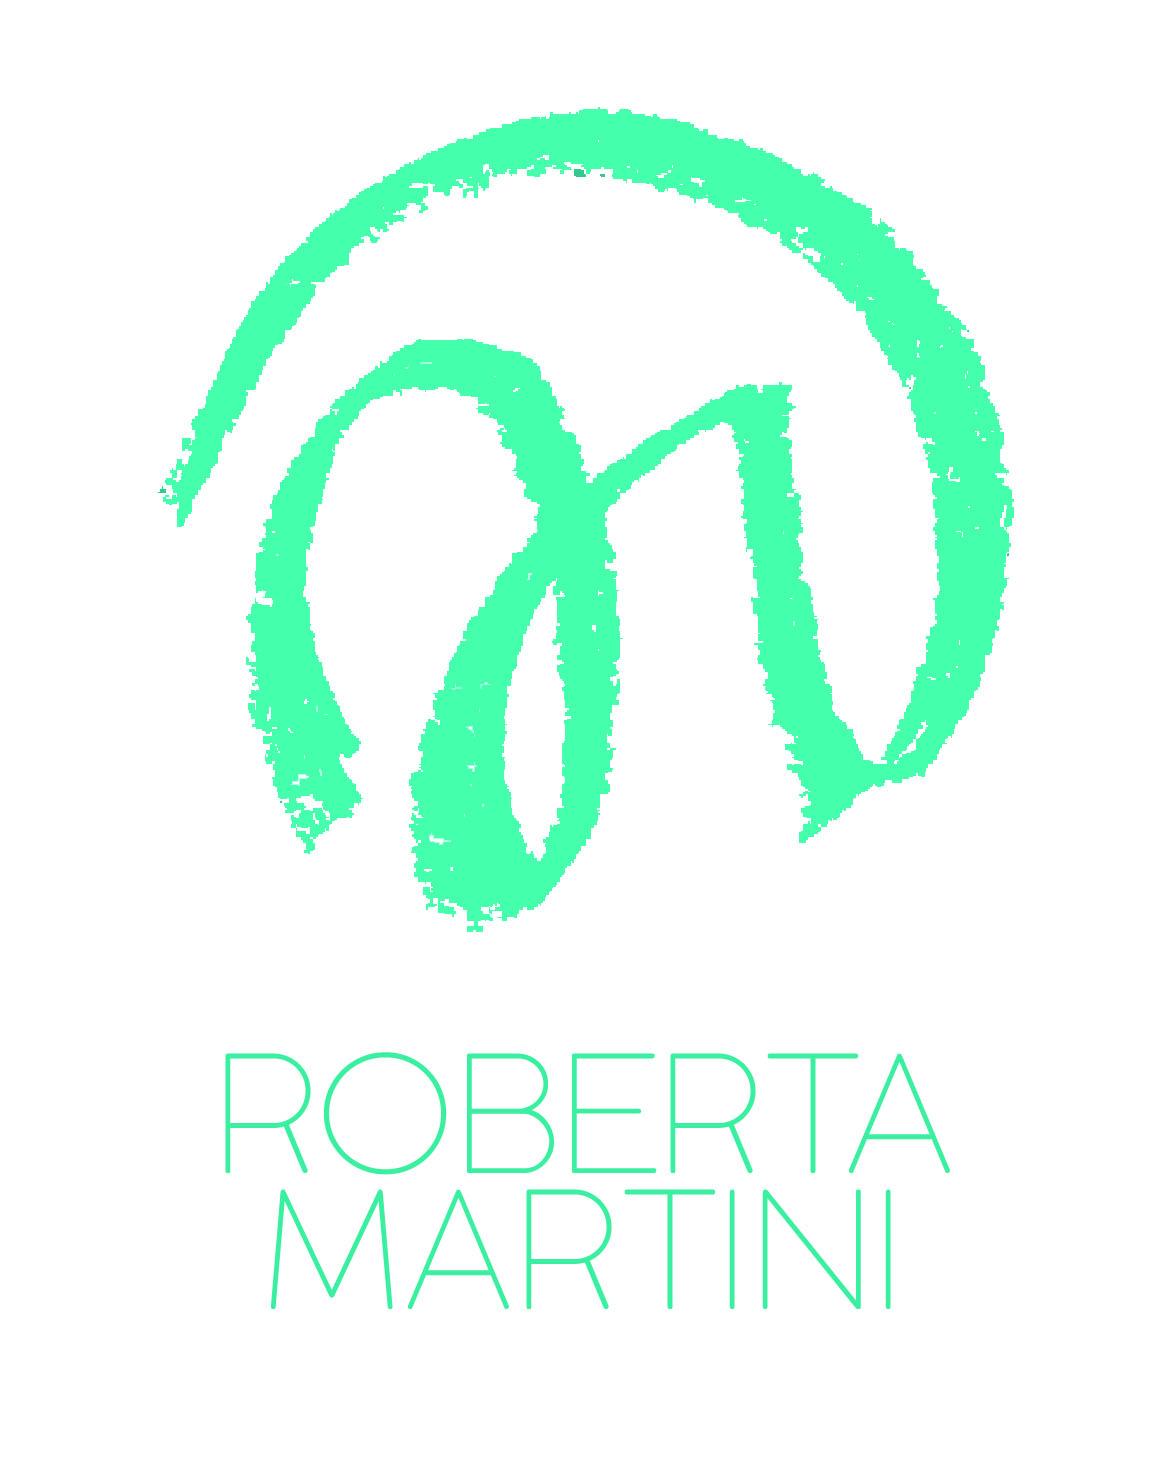 Roberta Martini